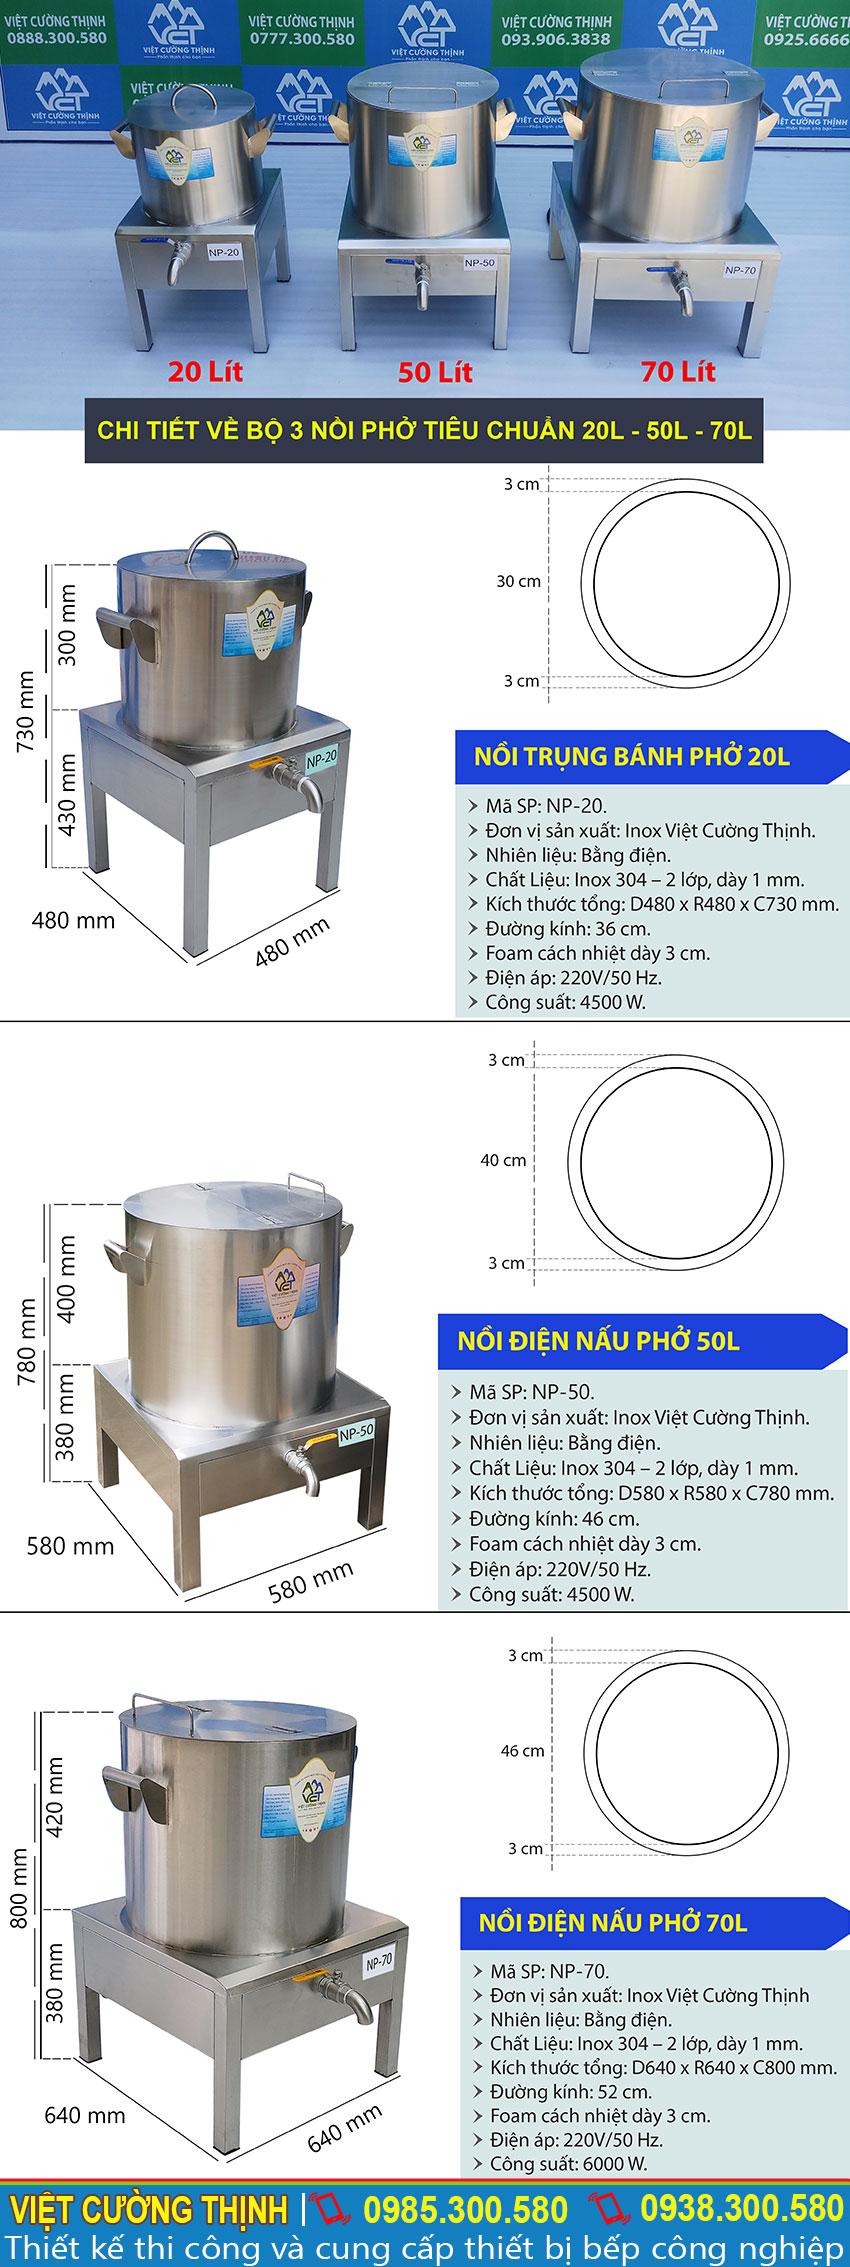 Thông số kỹ thuật Bộ Nồi Nấu Phở Công Nghiệp Bằng Điện 20L-50L-70L